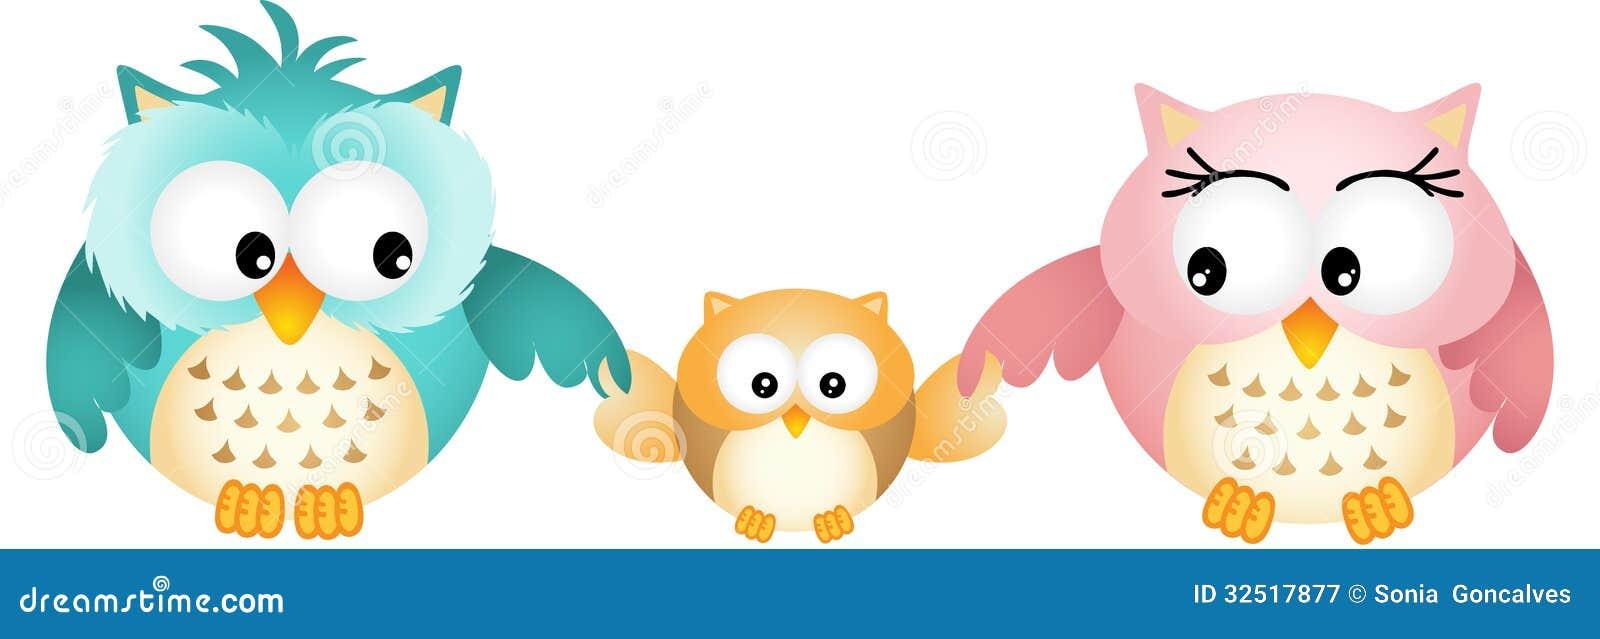 Owl Family felice